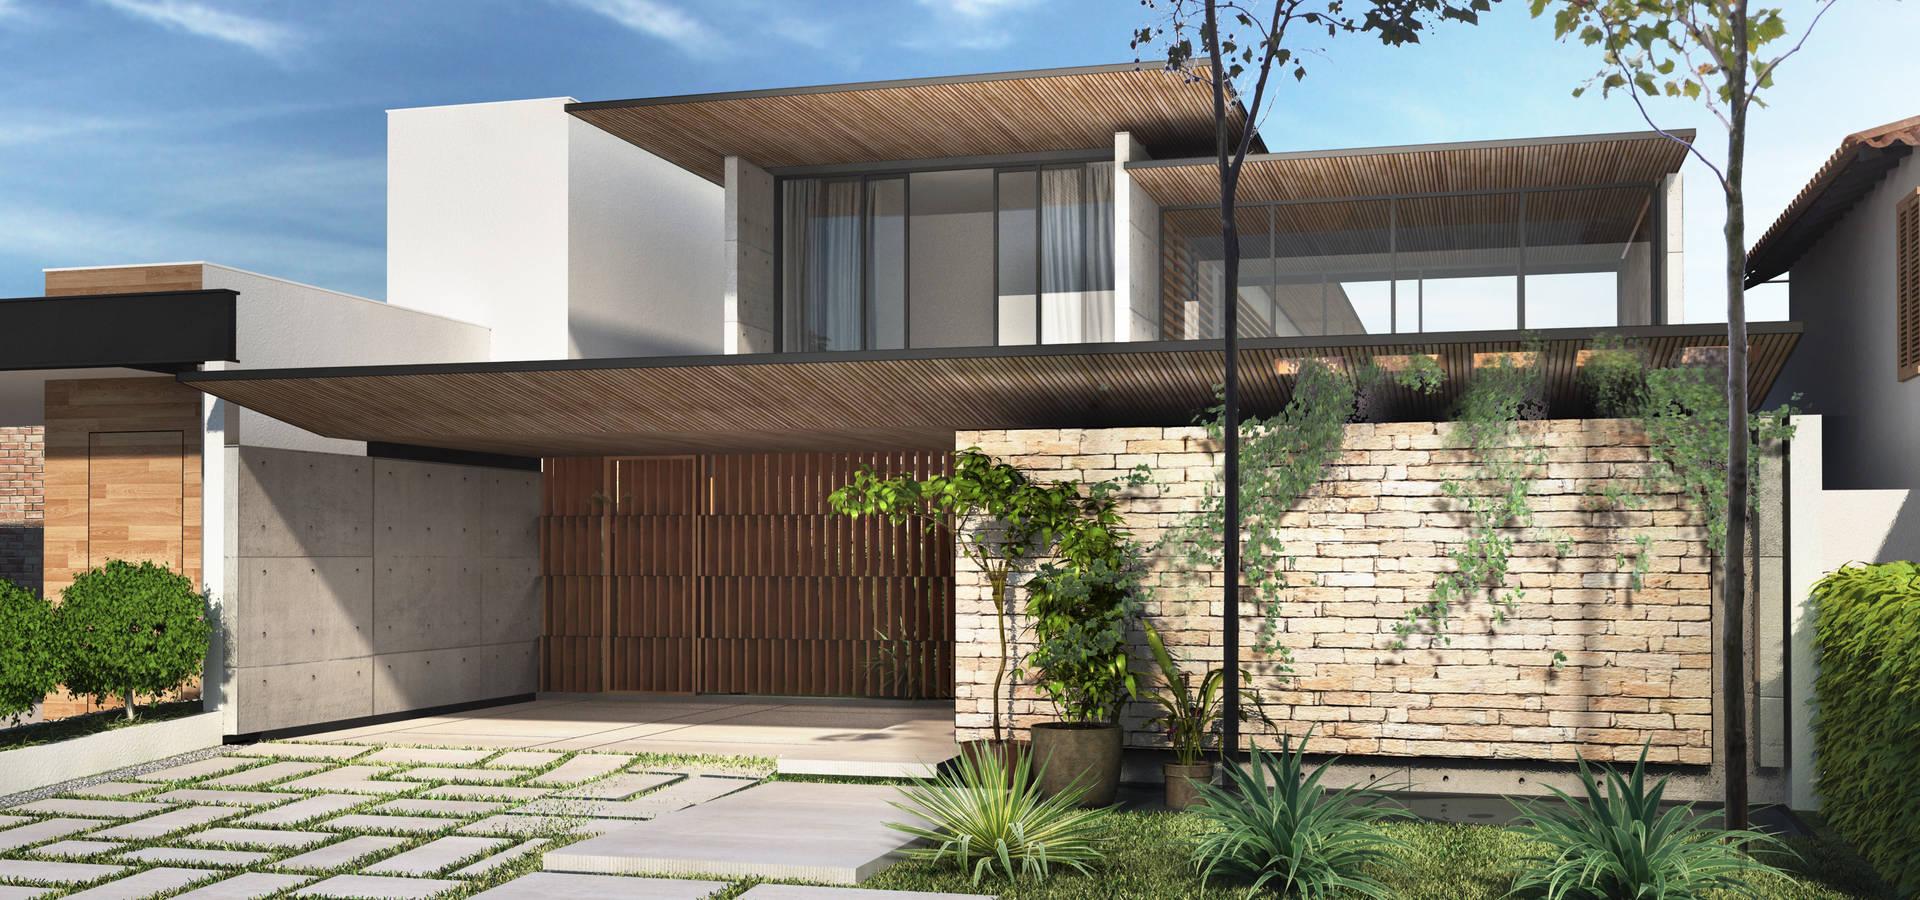 MSPM Arquitetura & Design